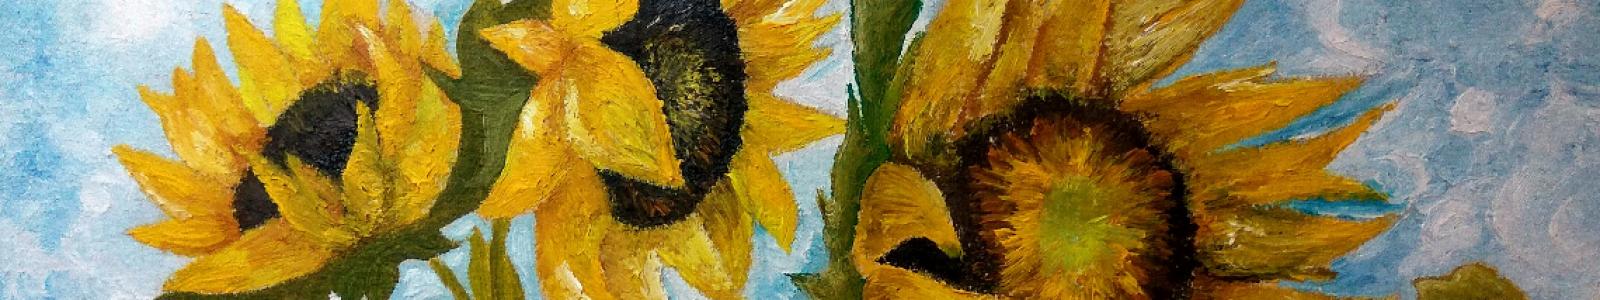 Gallery Painter Ksenia Korneva